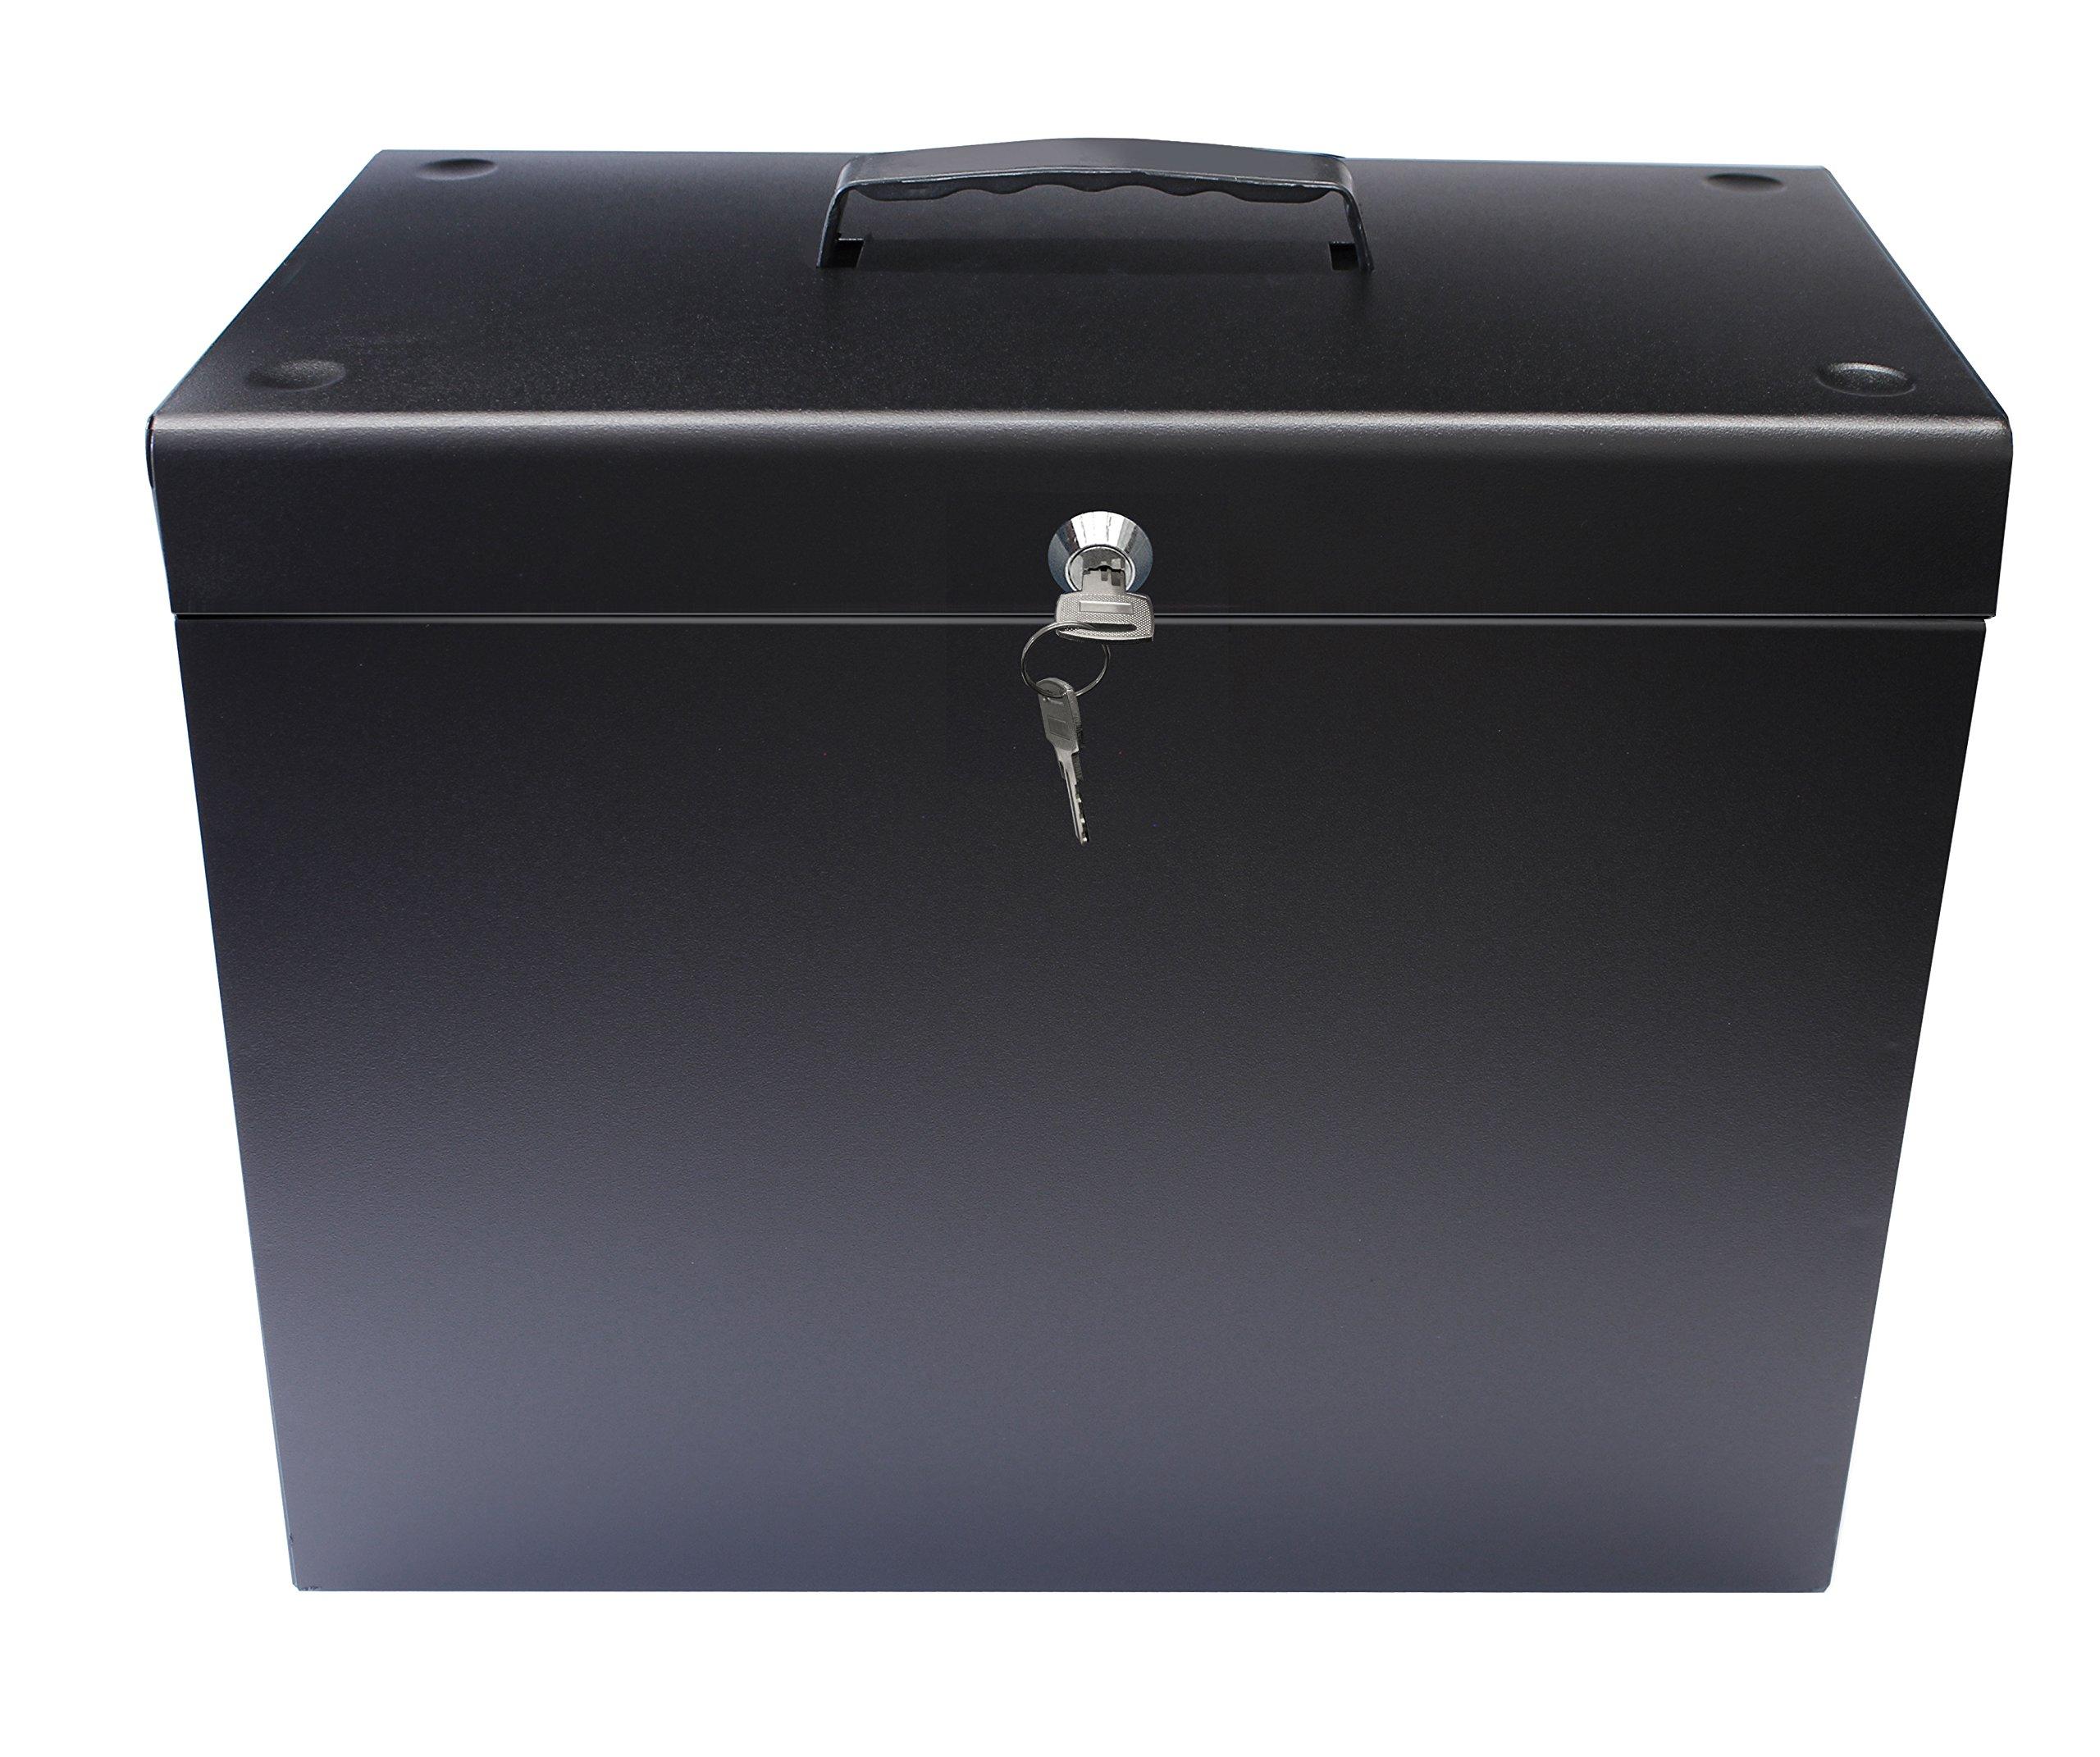 Cathedral Caja archivadora de metal, tamaño A4, color negro: Amazon.es: Oficina y papelería